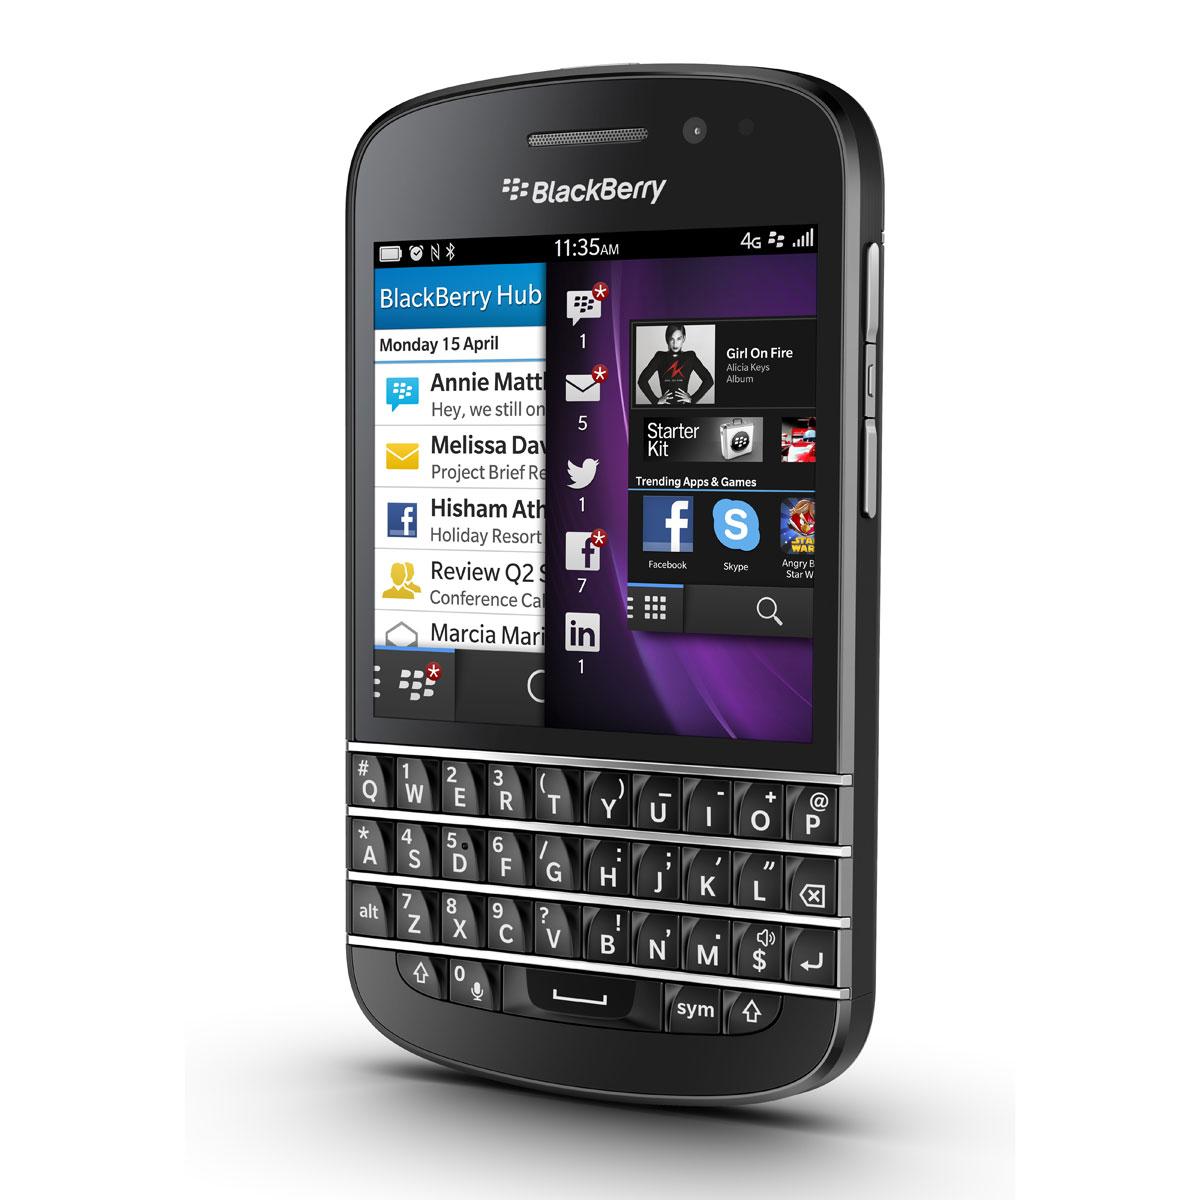 blackberry q10 noir mobile smartphone blackberry sur. Black Bedroom Furniture Sets. Home Design Ideas